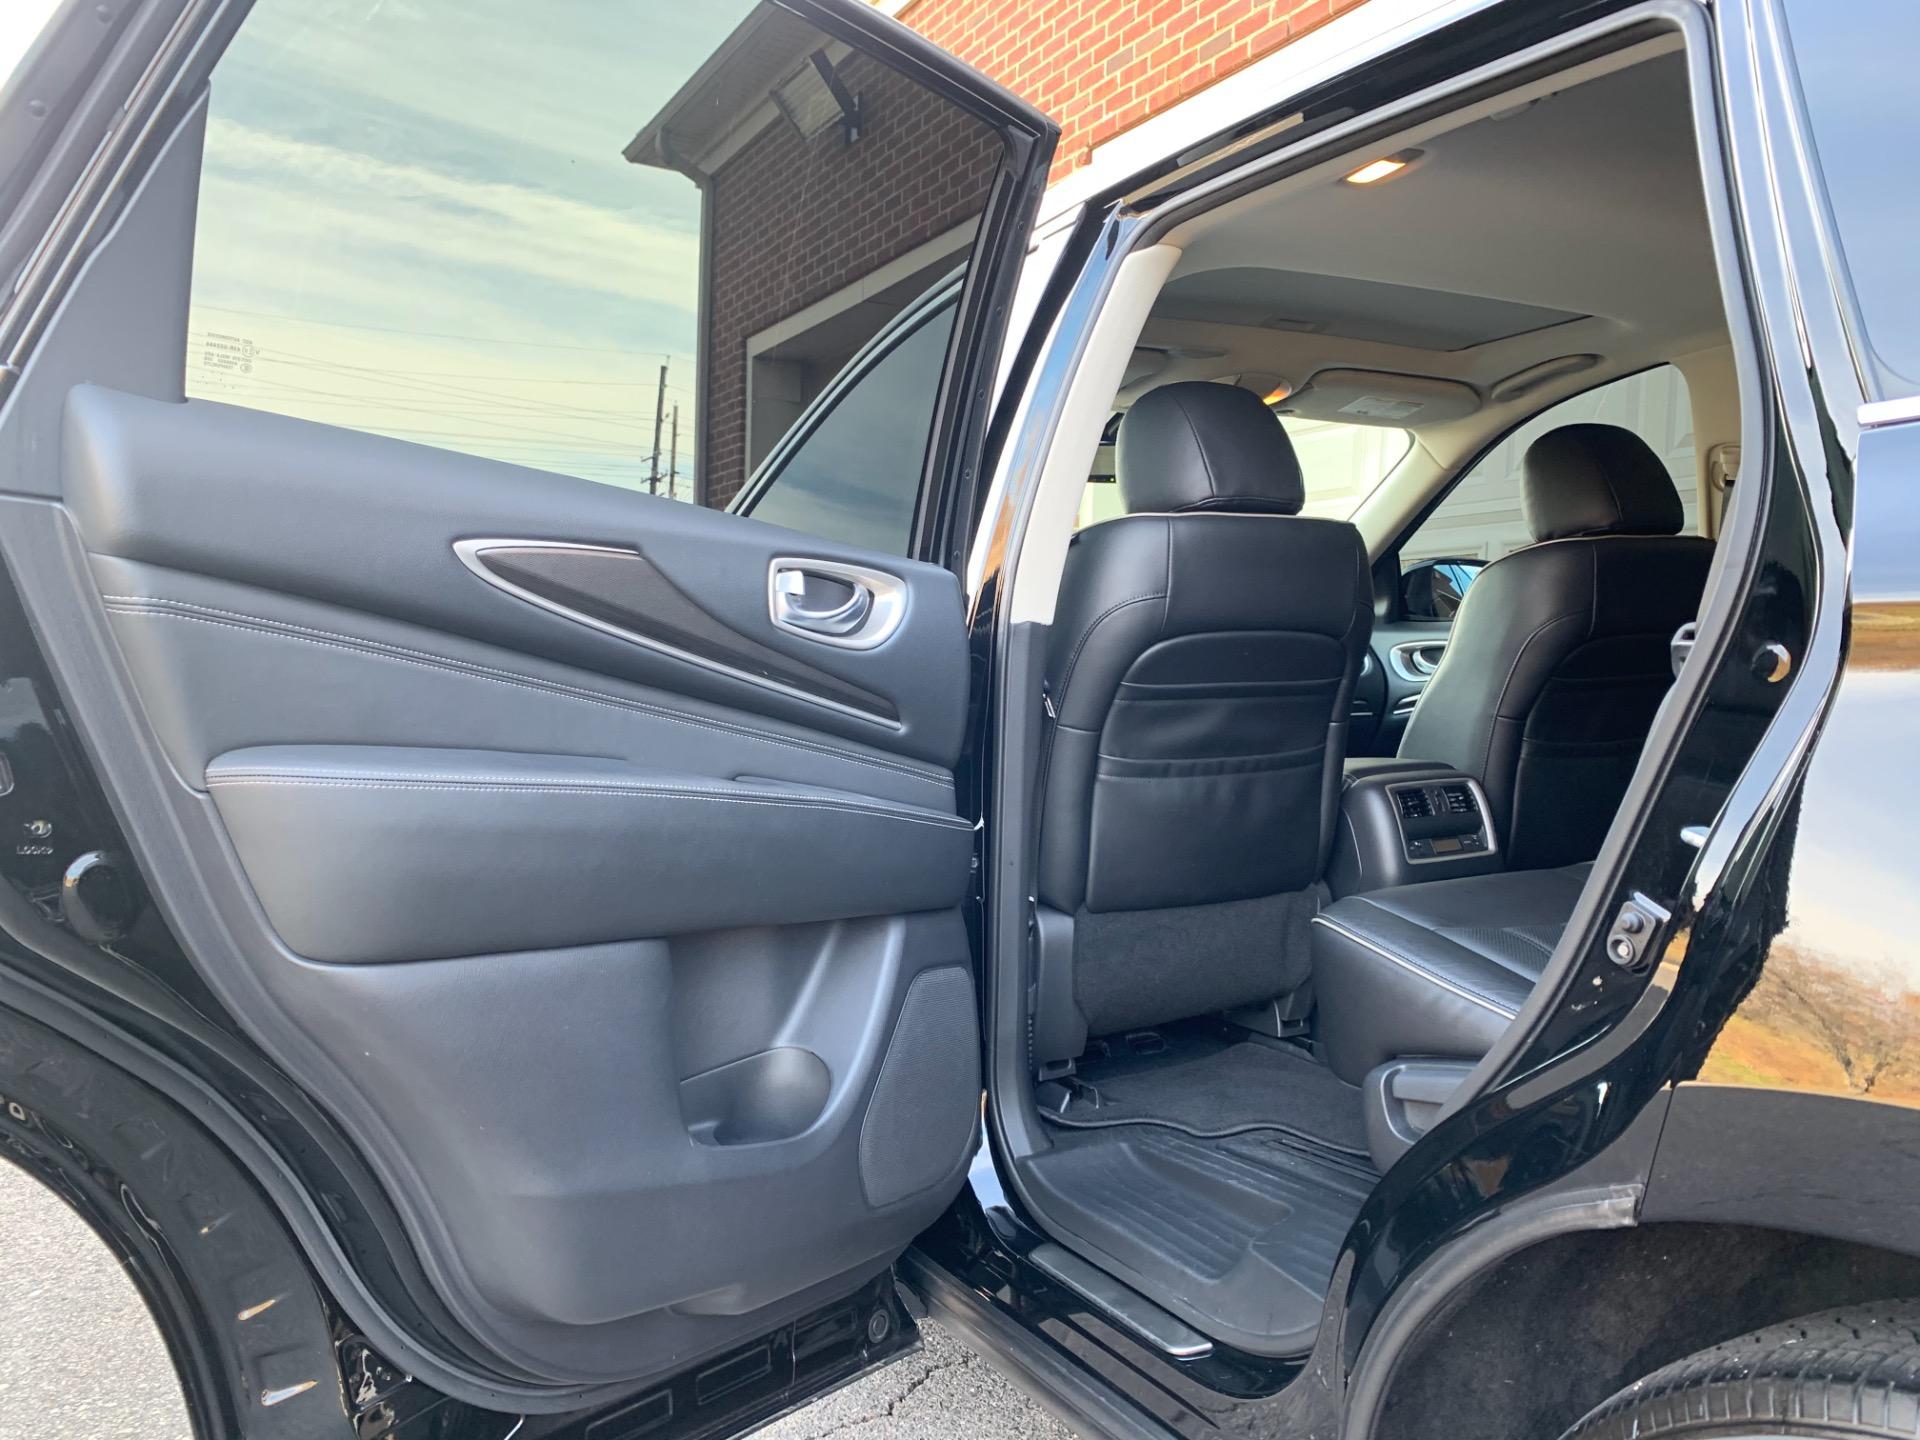 Used-2017-INFINITI-QX60-Premium-Plus-AWD